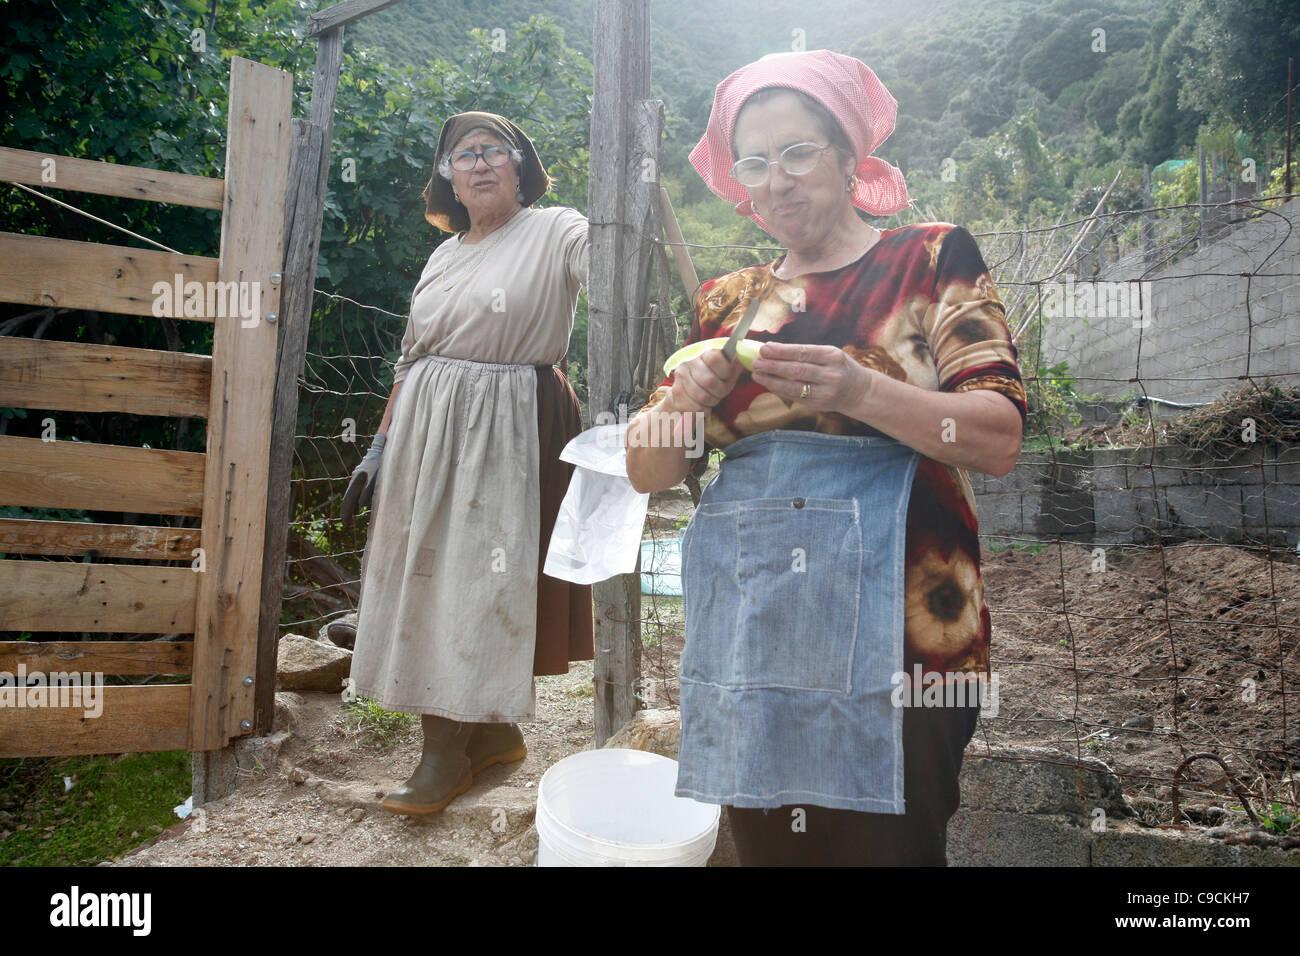 Frauen mit traditionellen Kostüm arbeitet auf einem Gebiet in der Nähe von Talana Dorf in der Region Gennargentu, Stockbild